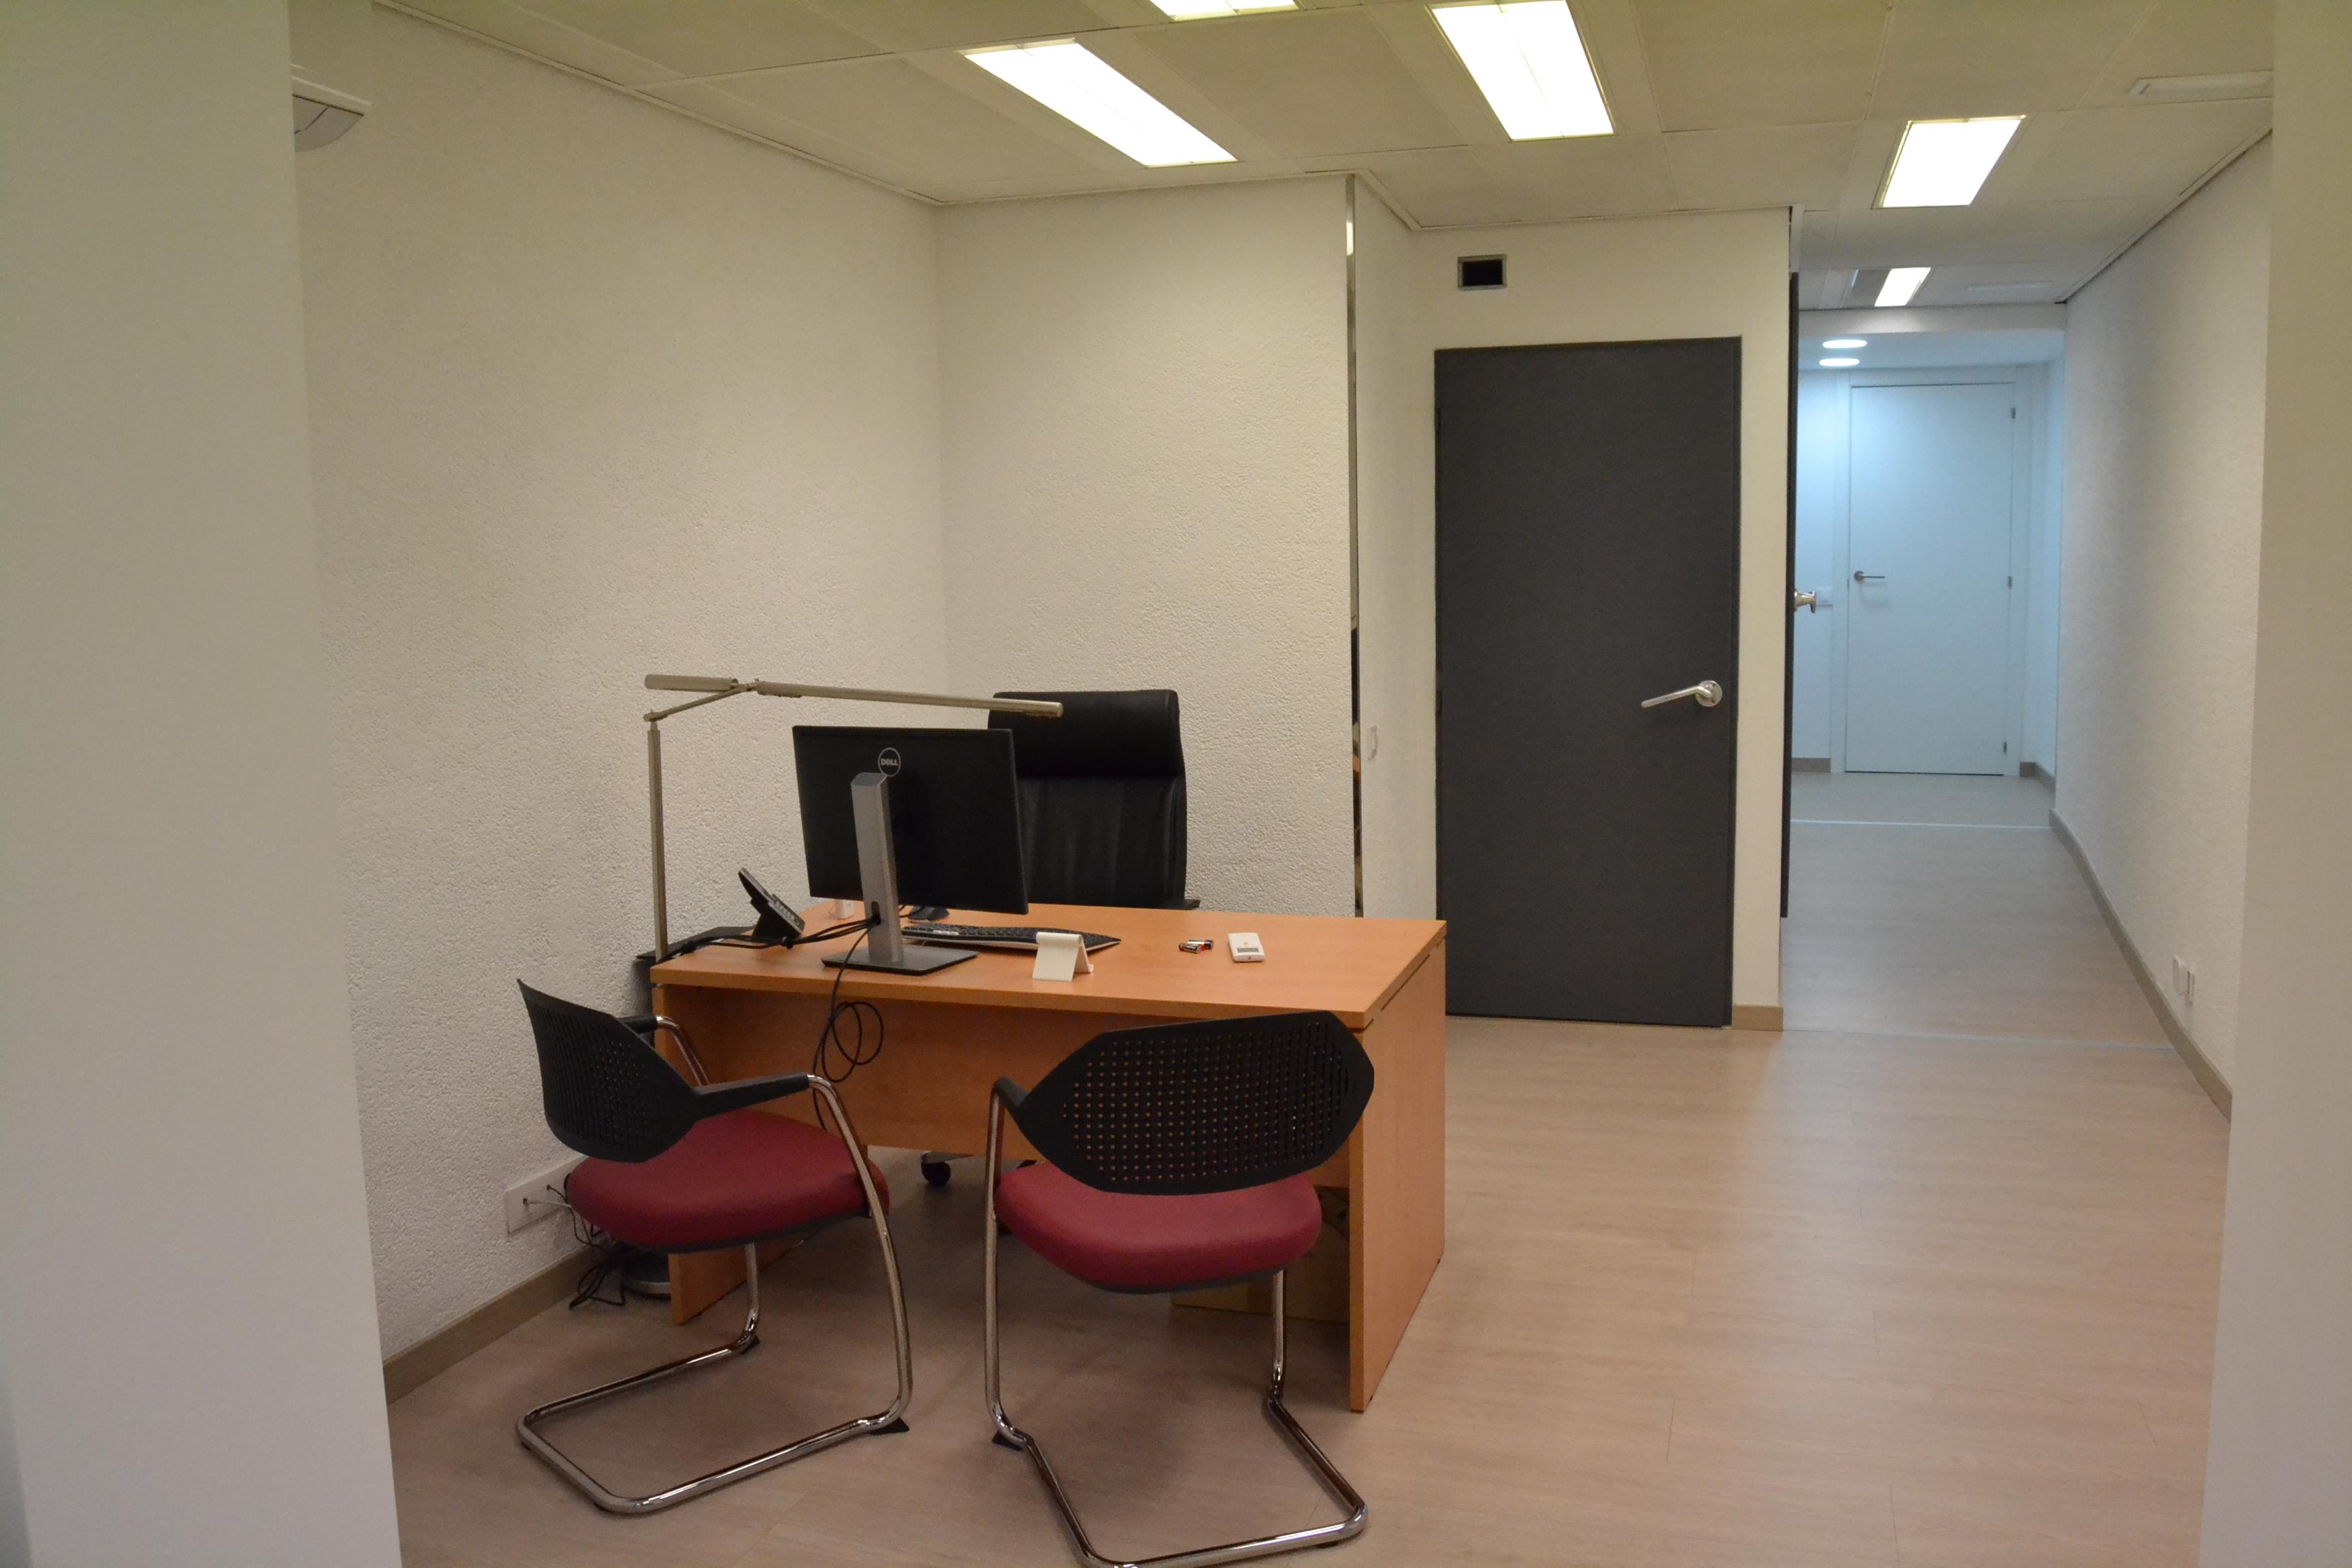 Reforma integral de local para oficina inmobiliaria pasillo